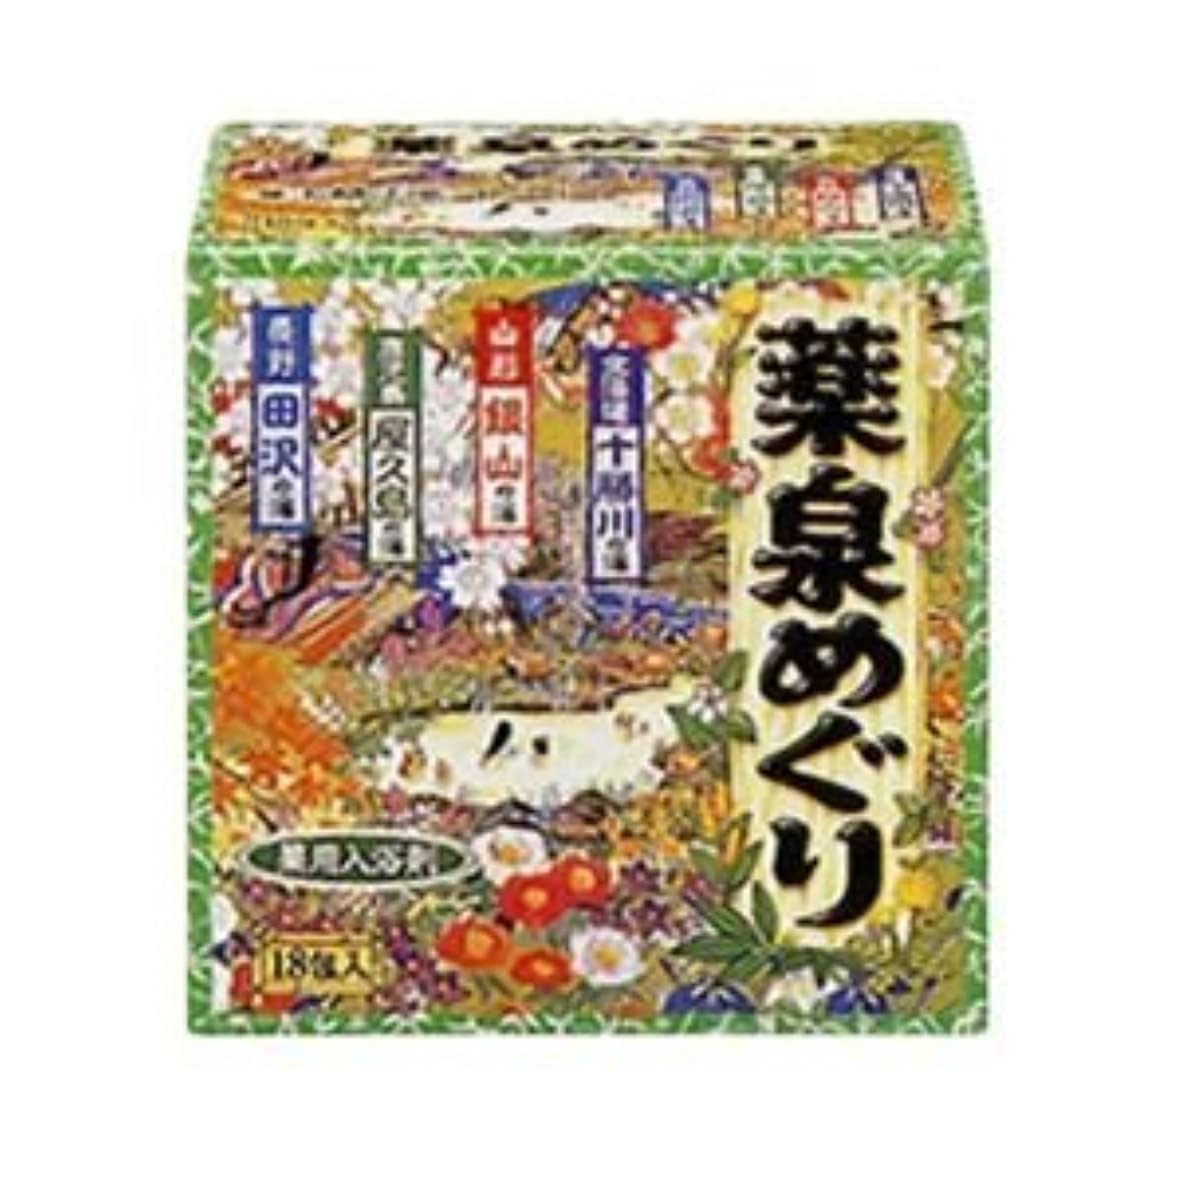 コンプリート獣パートナー薬泉めぐり(入浴剤) 8セット